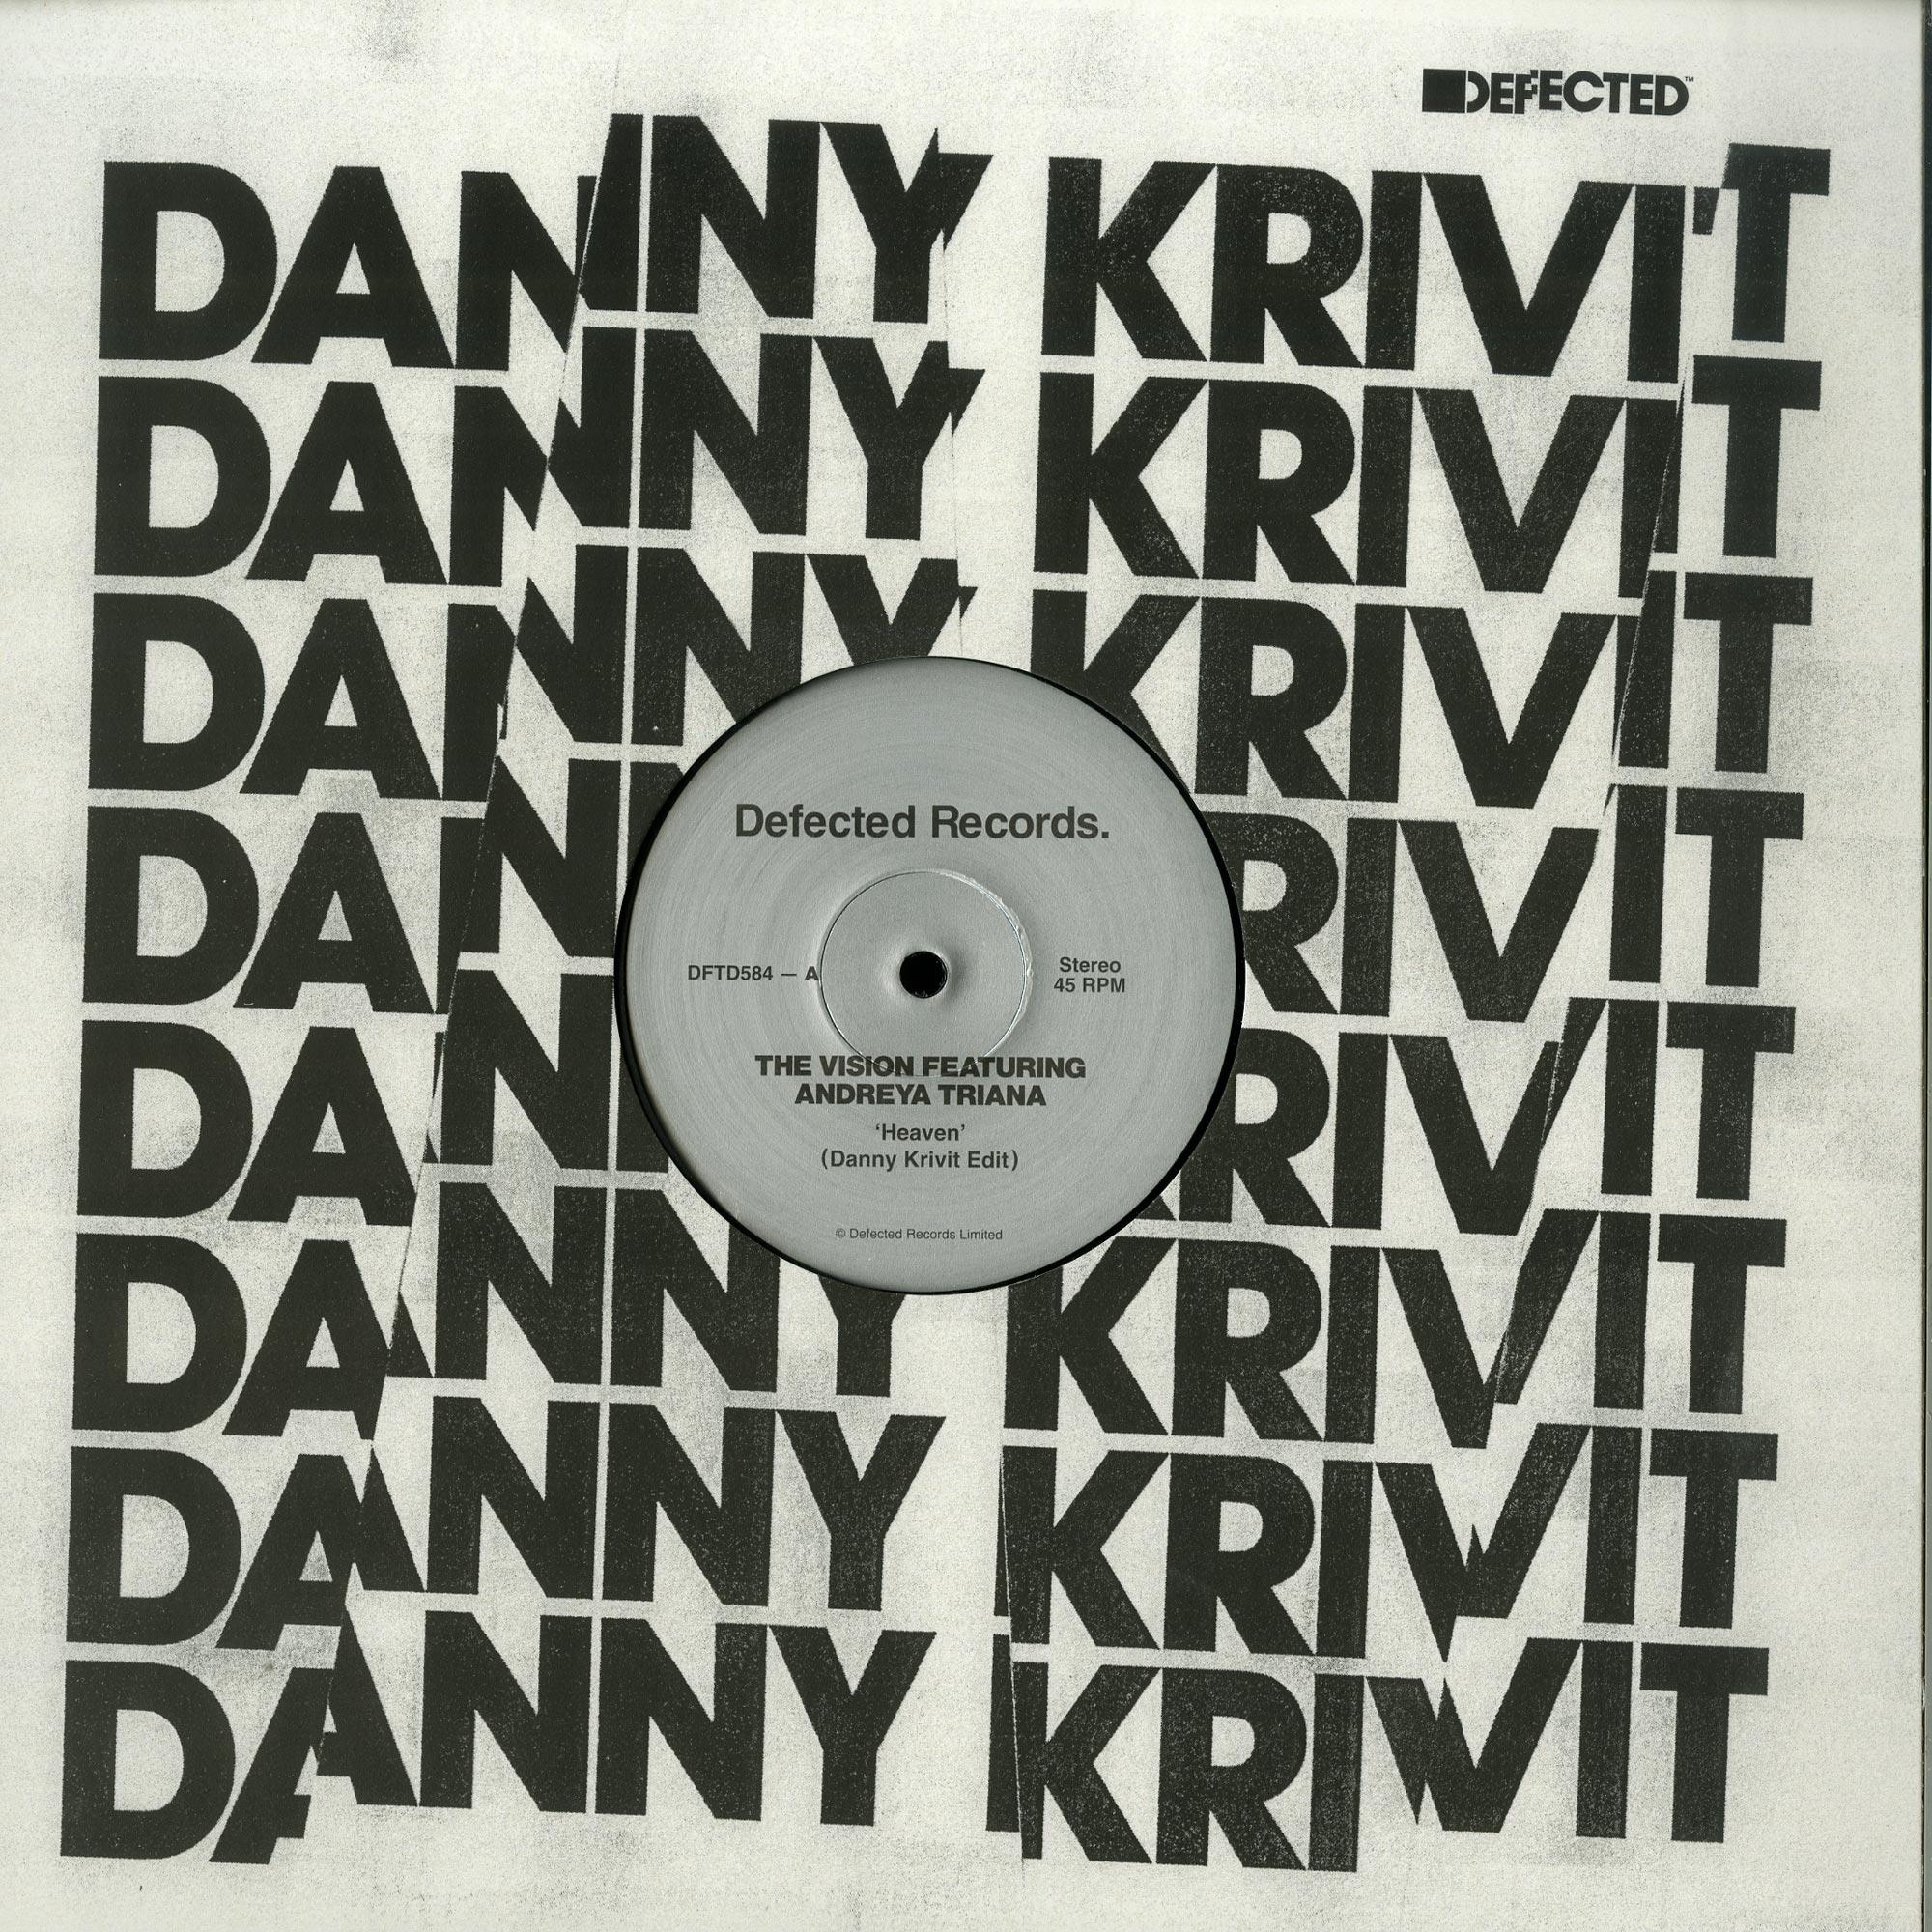 Danny Krivit - EDITS BY MR K